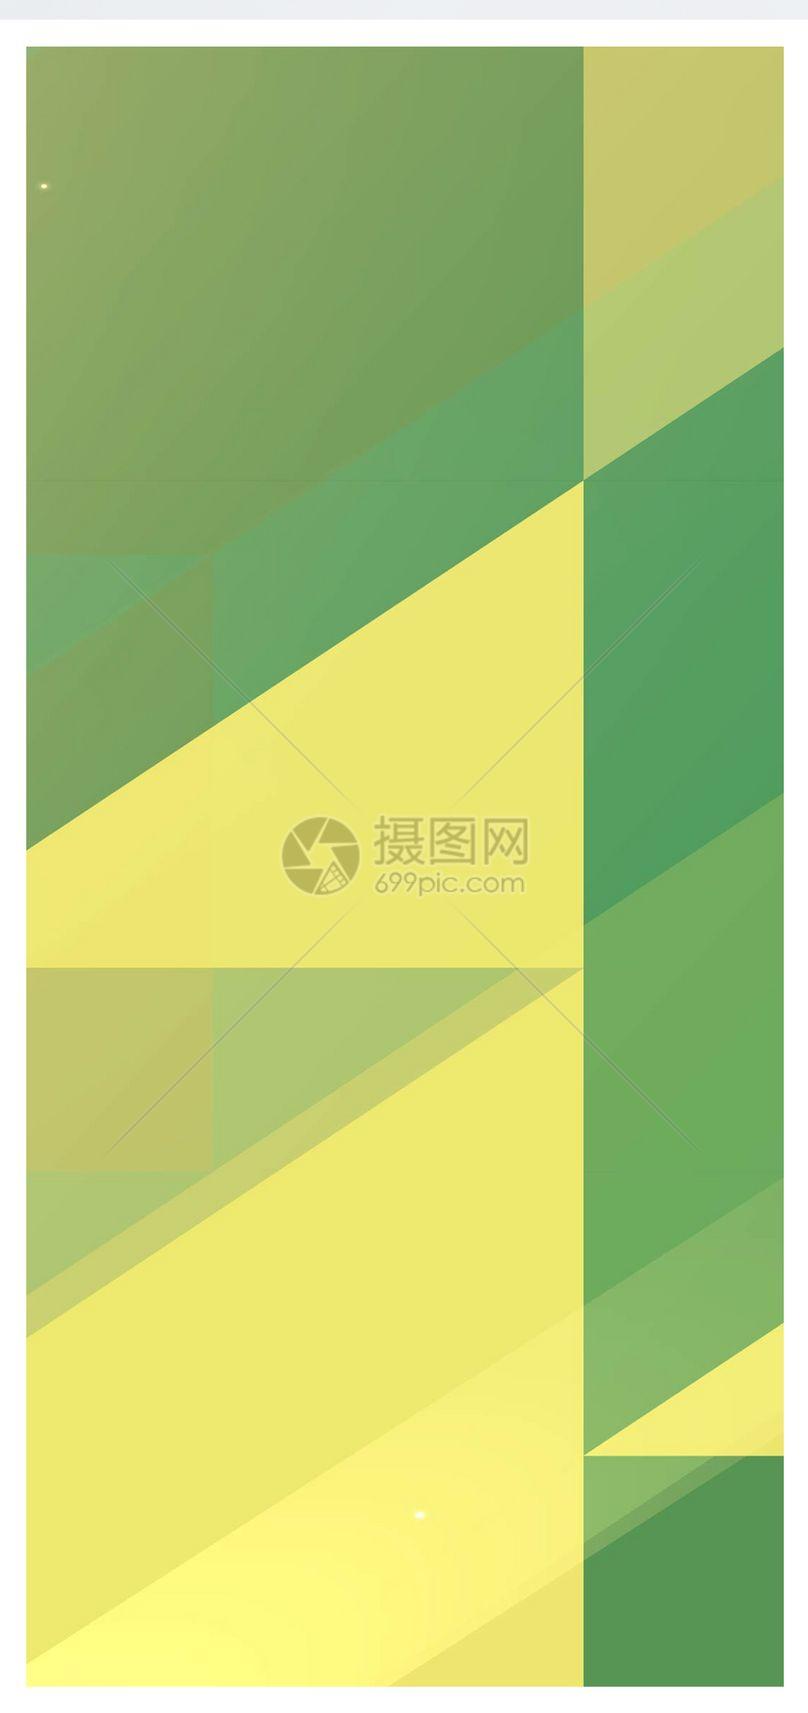 几何抽象背景手机壁纸图片